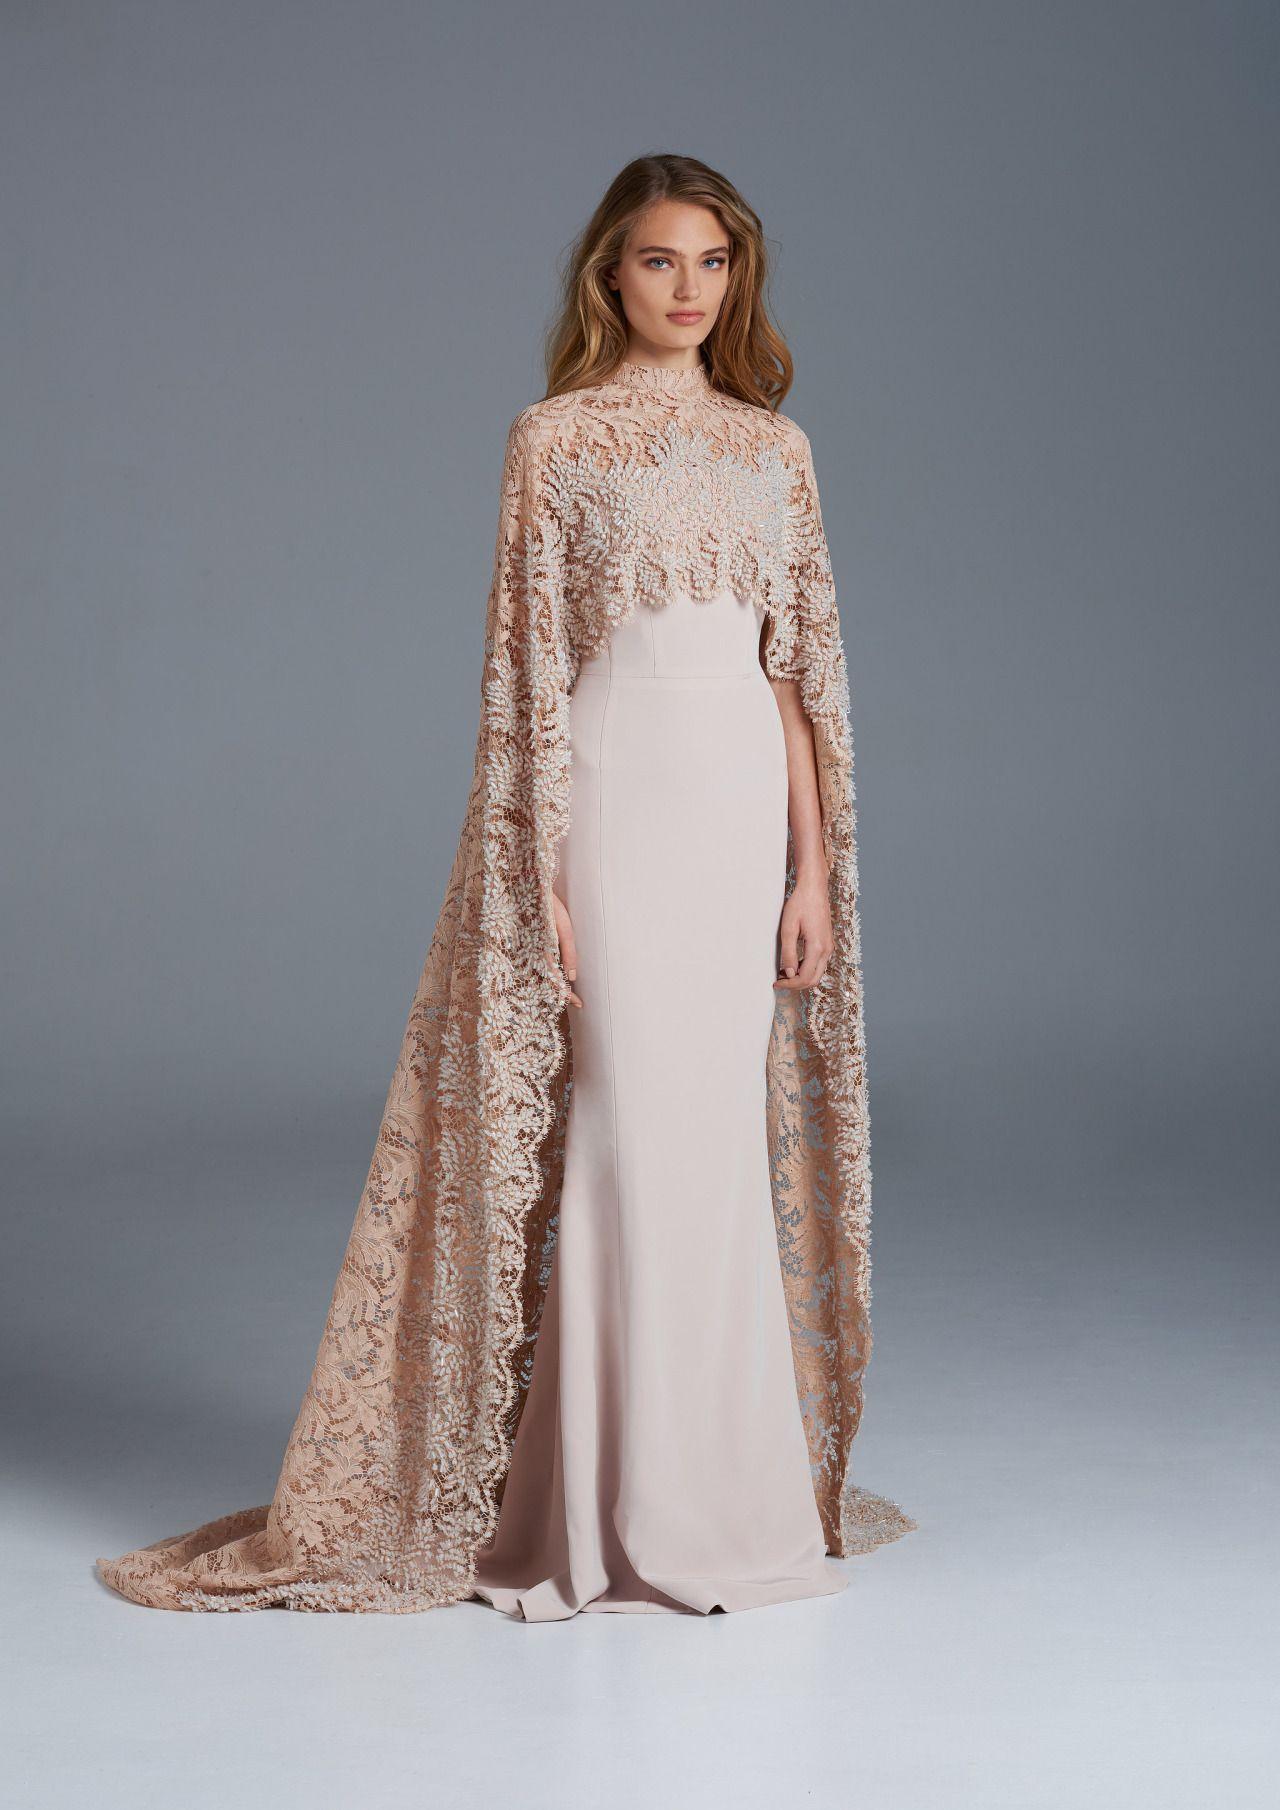 Paolo Sebastian SpringSummer Couture Collection